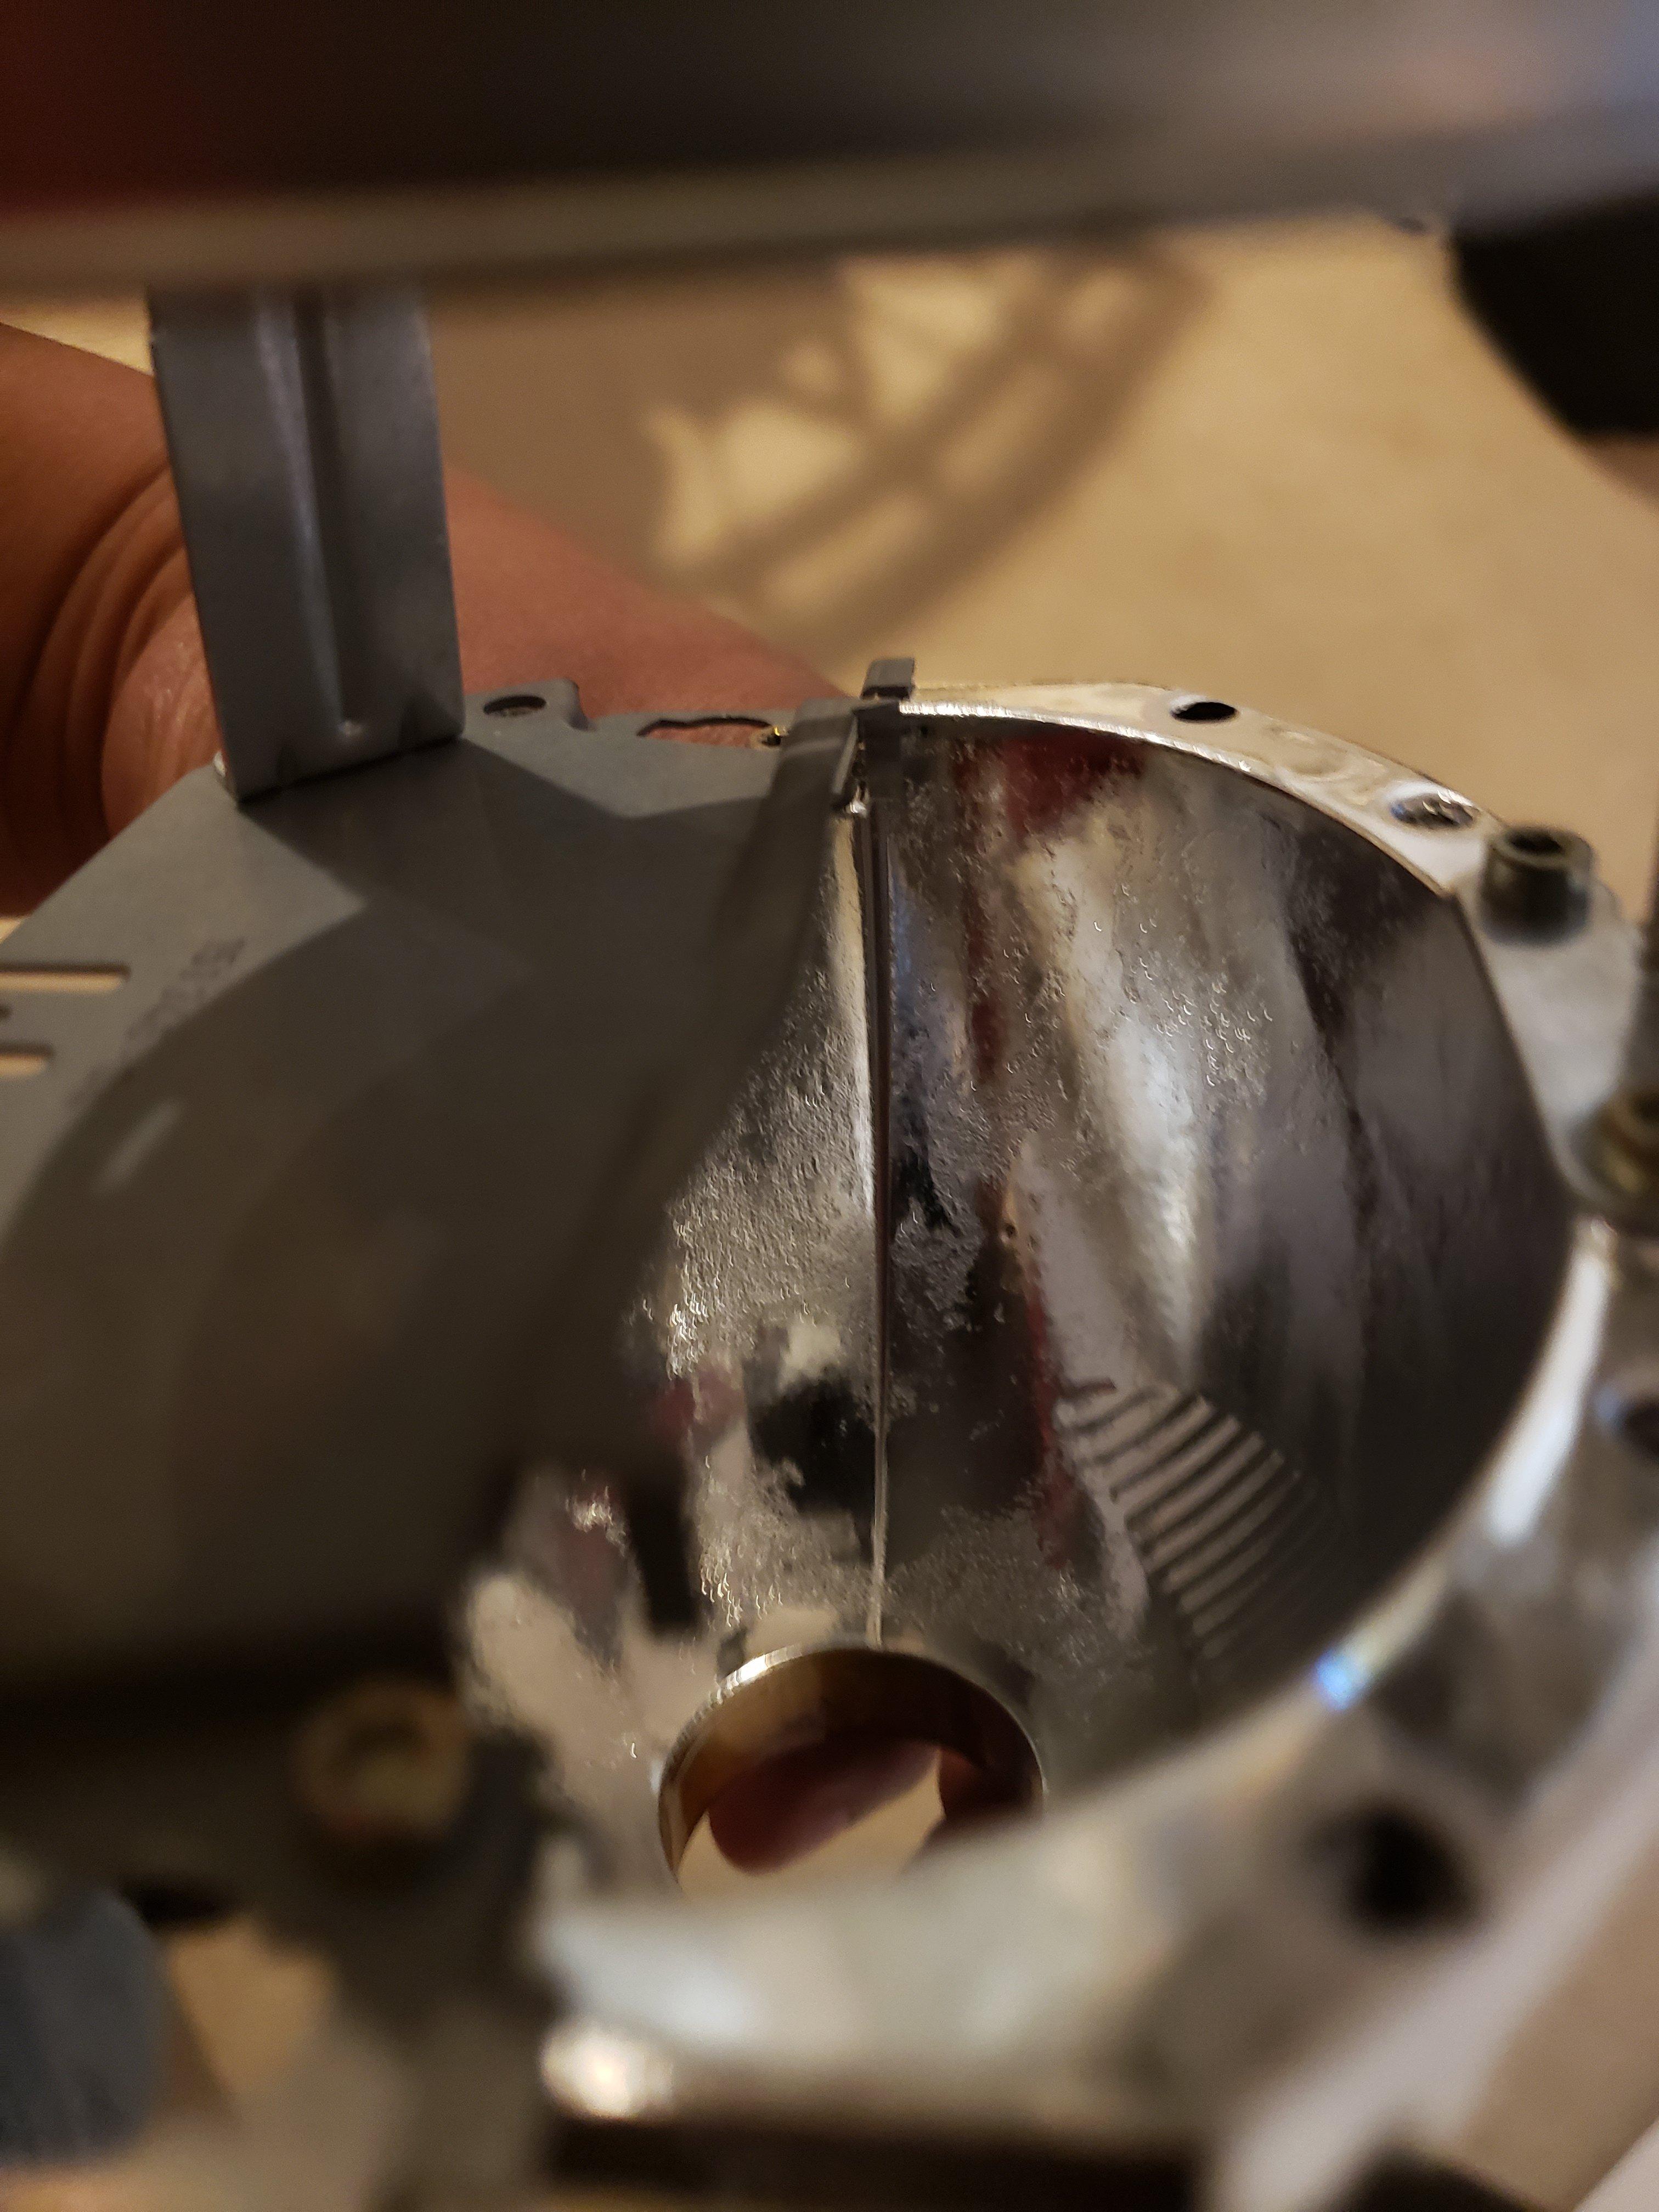 Air Bag Clock Spring Squib for Nissan Pathfinder R51 05-14 B5567BH00A 255605X02E